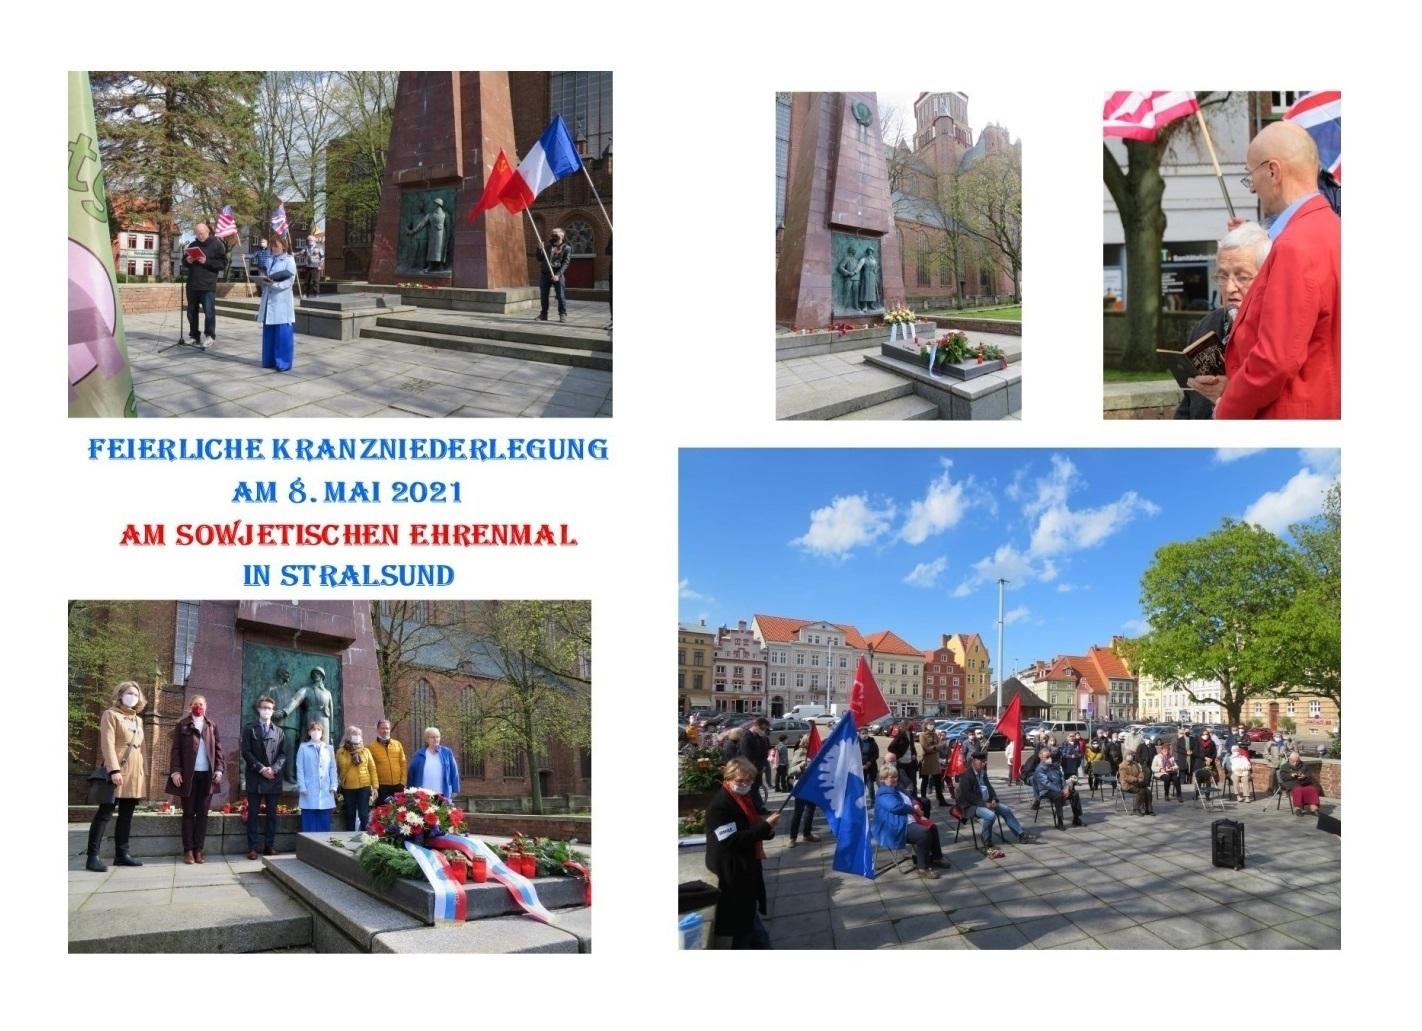 Feierliche Kranzniederlegung am 8. 5. 2021 am Sowjetischen Ehrenmal in Stralsund - Aus dem Posteingang von Siegfried Dienel vom 17.05.2021 - Abschnitt 1